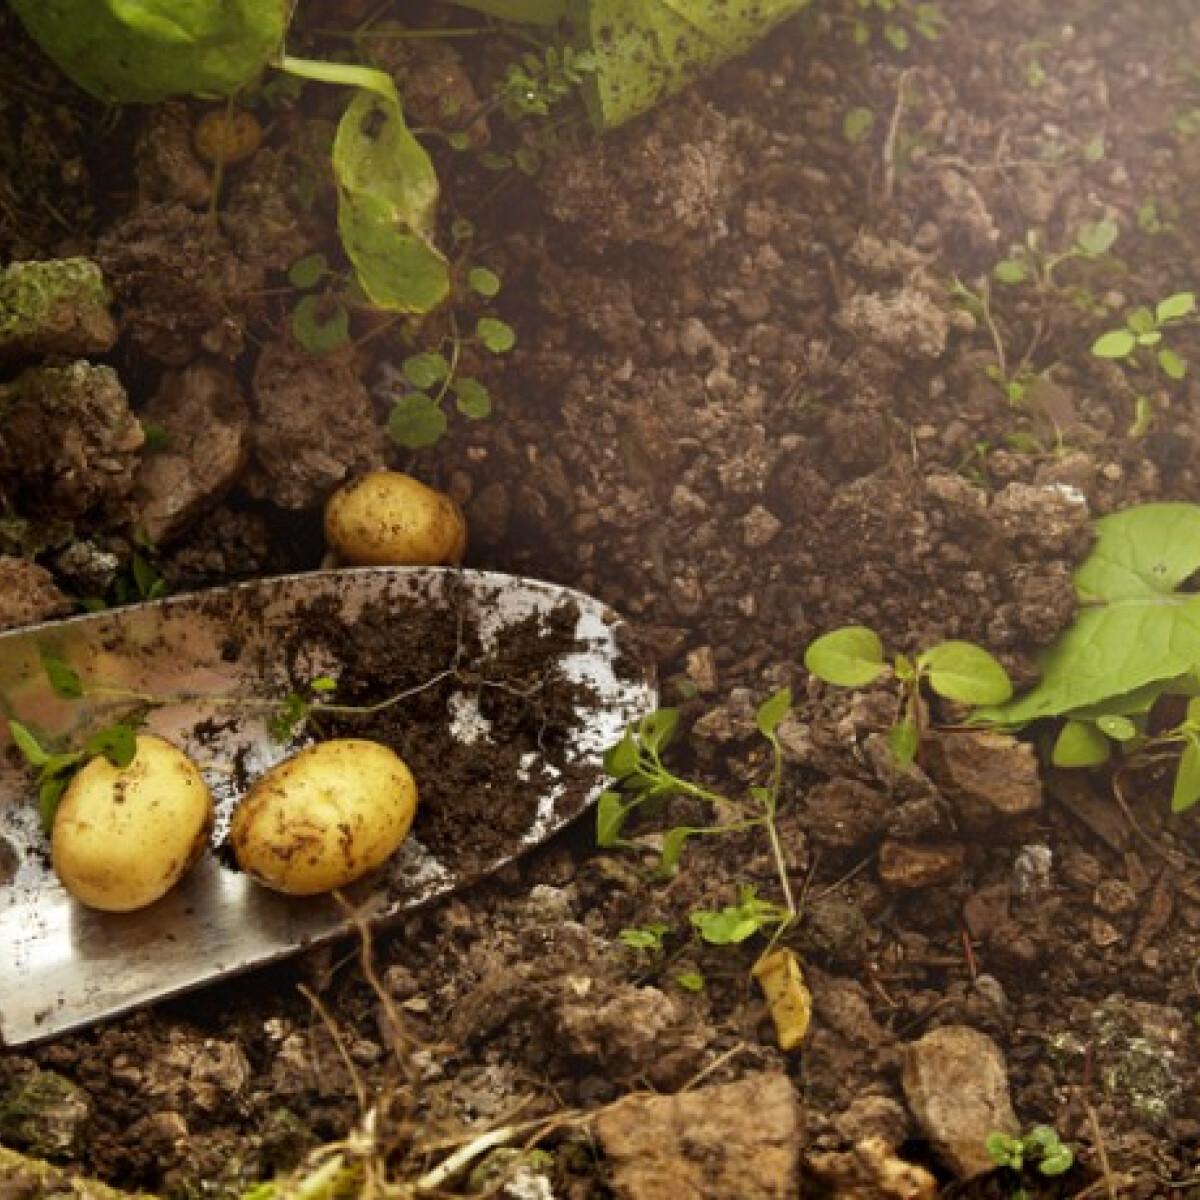 Tavasz a konyhakertben: így vesd el a zöldségeket, ha mielőbb bő termést szeretnél